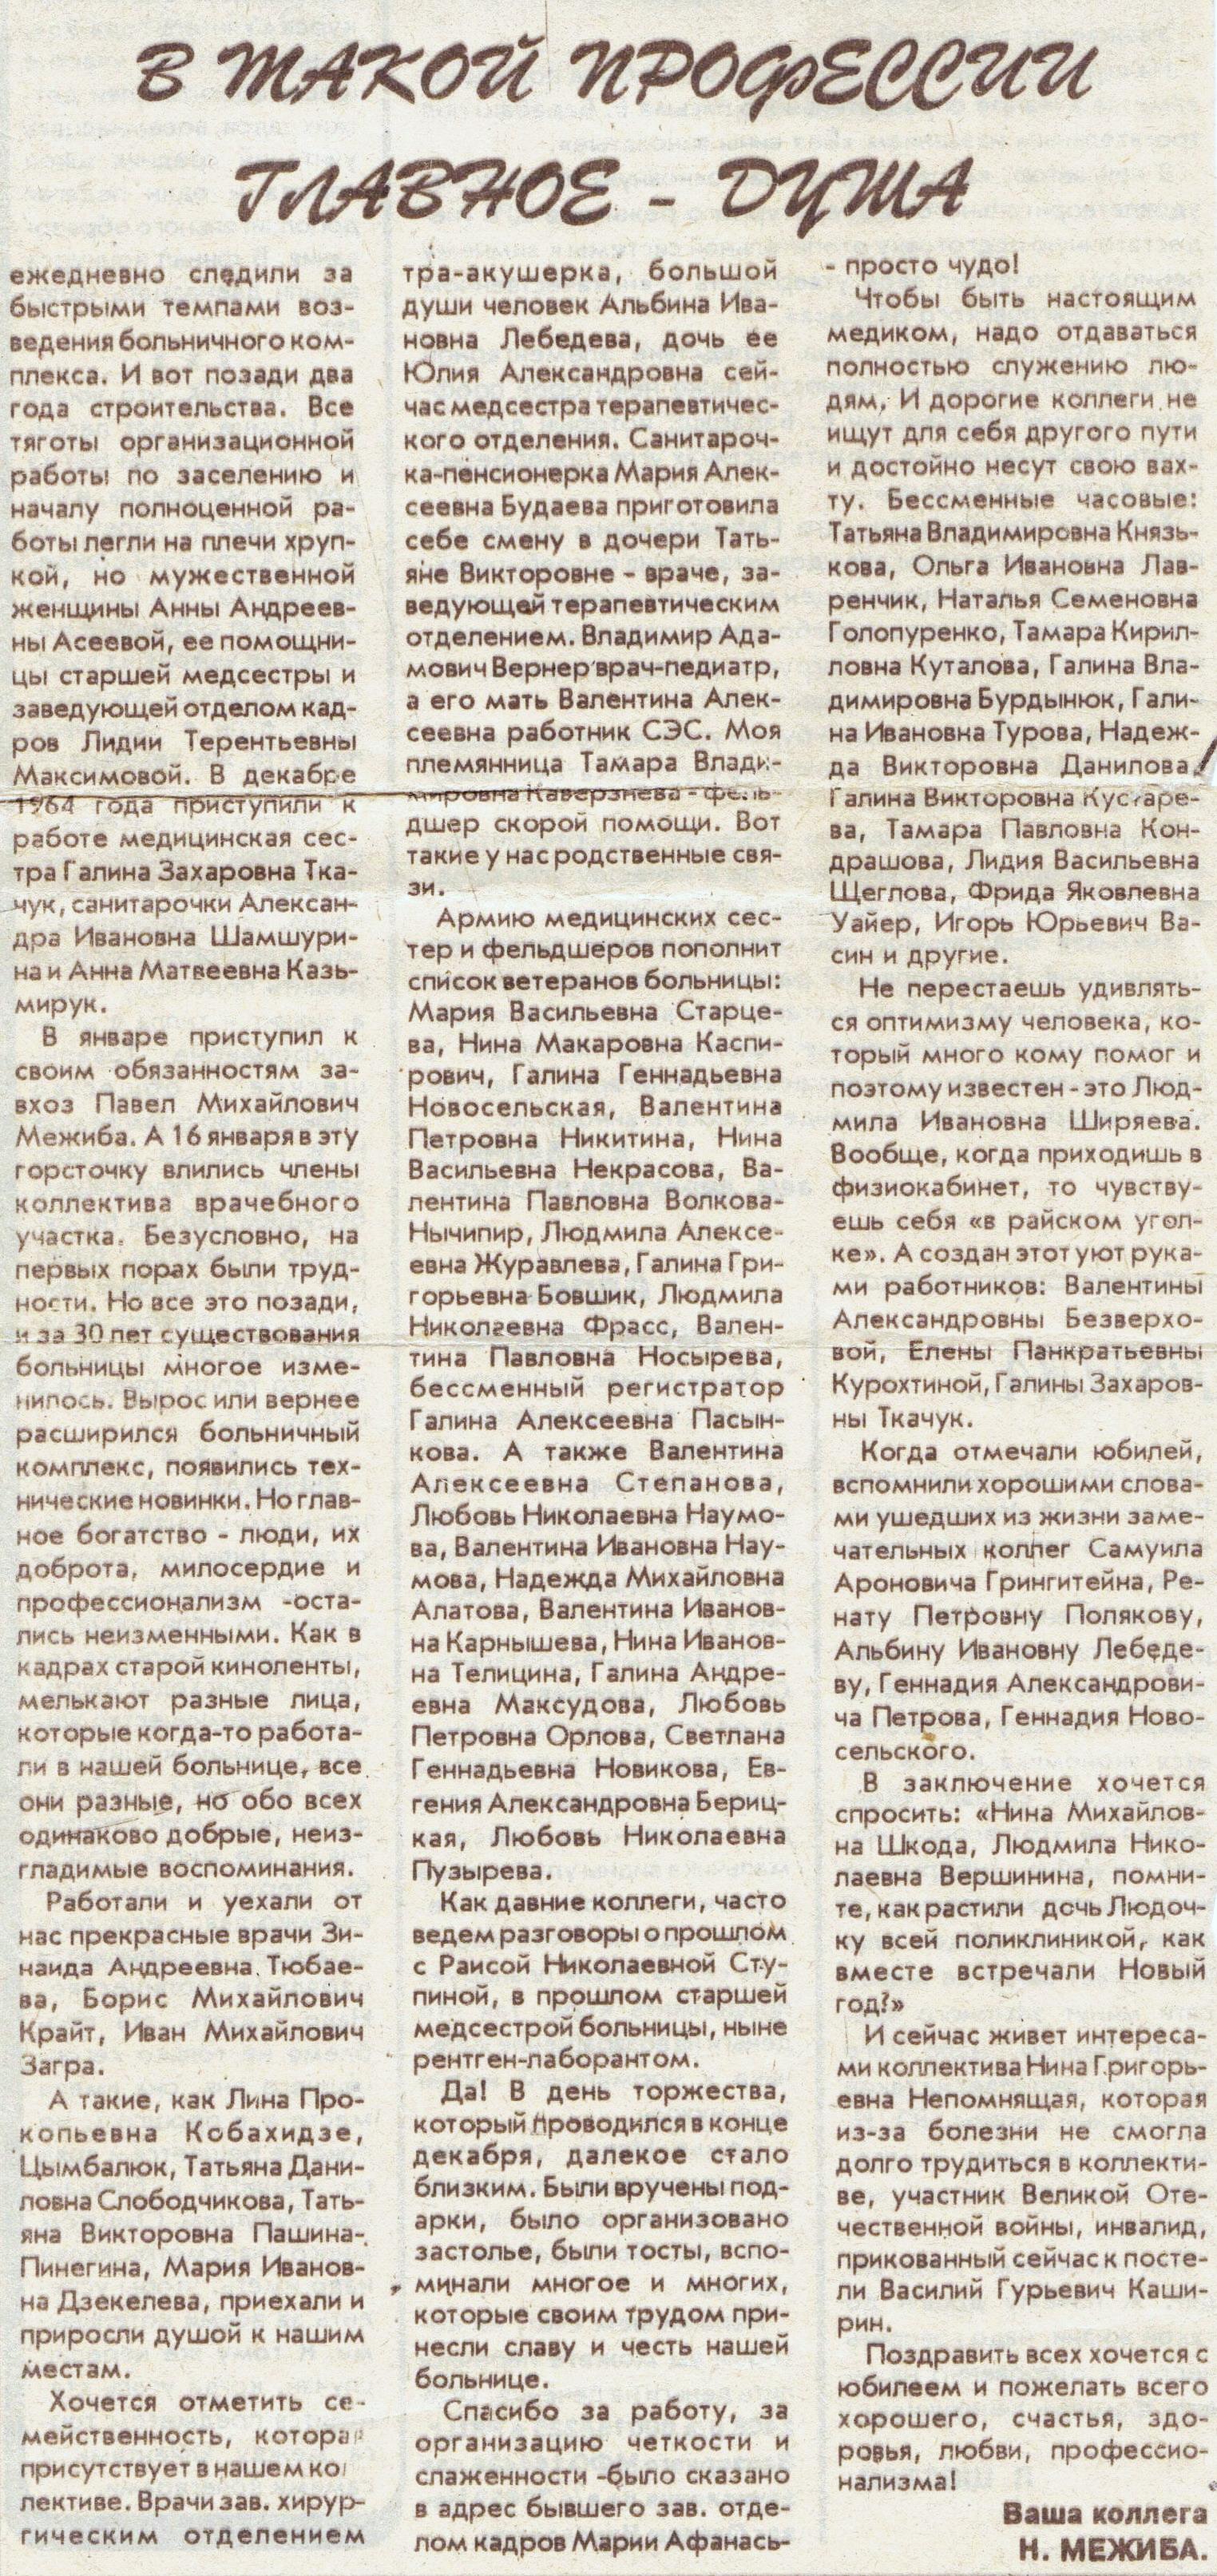 Больница Голос времени 1996 6 февраля №16 (9612)